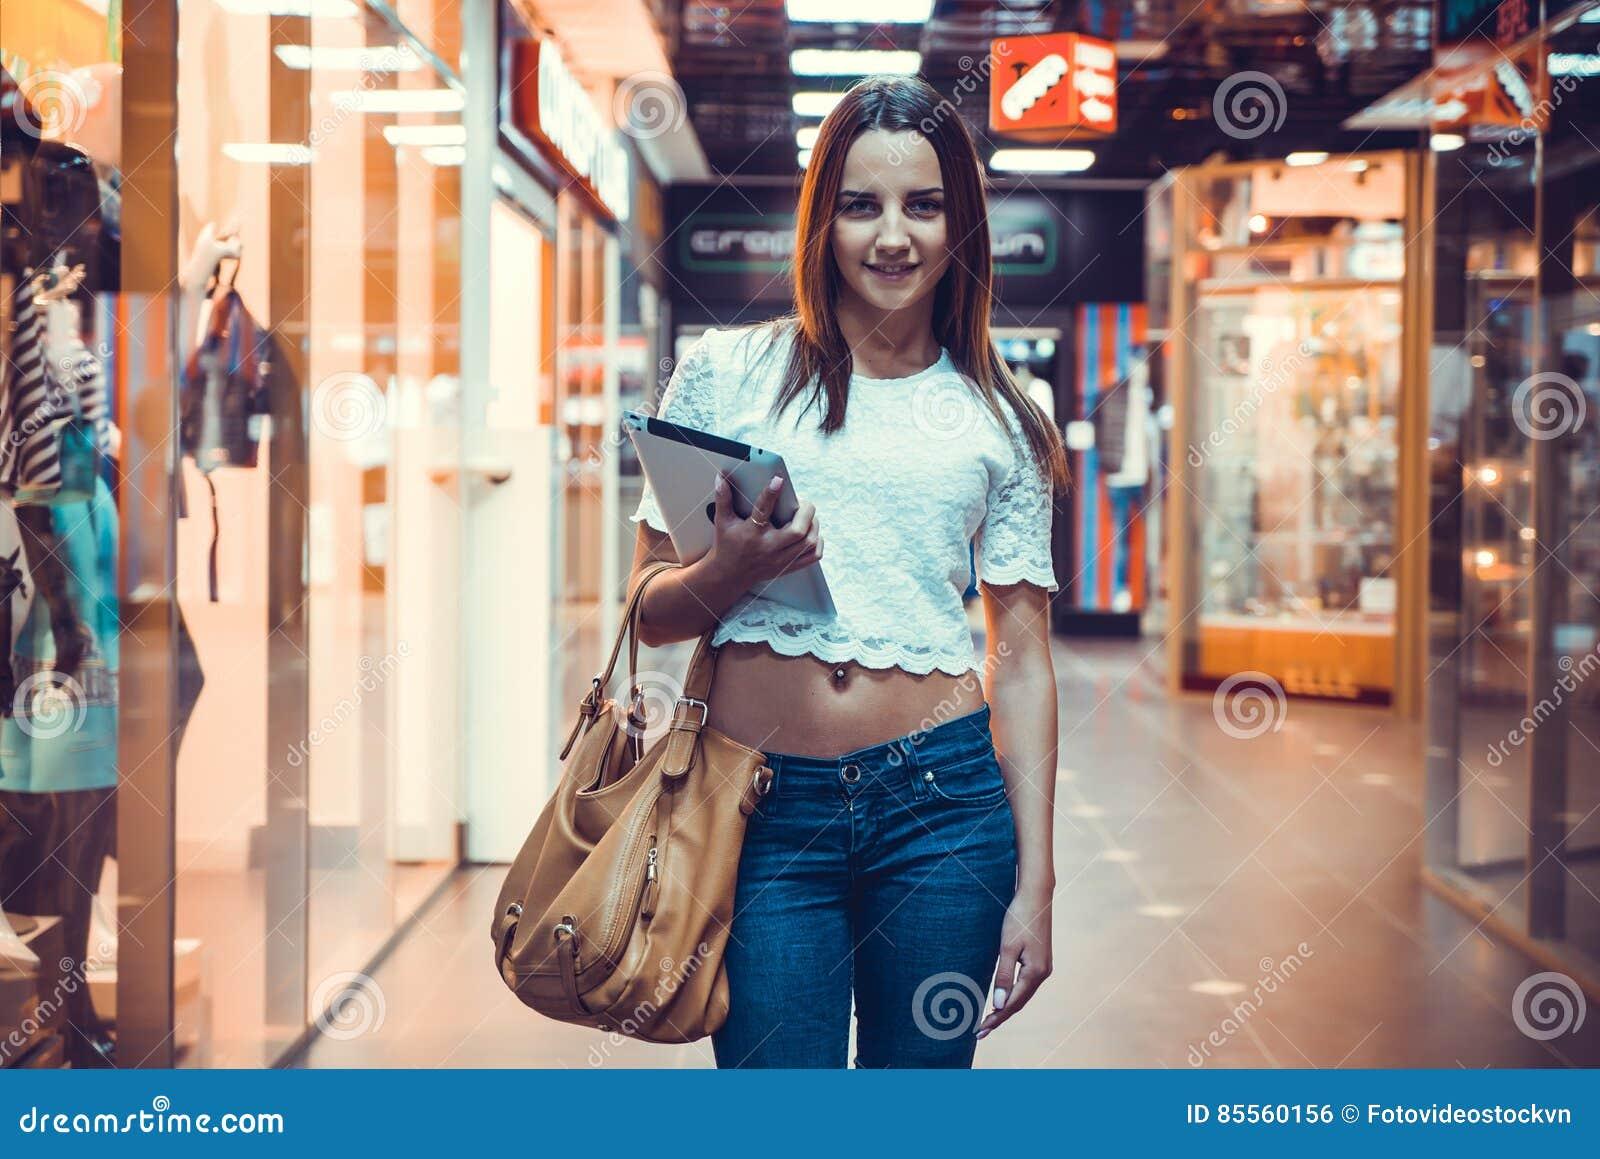 Mädchen, welches die Computertablette hält